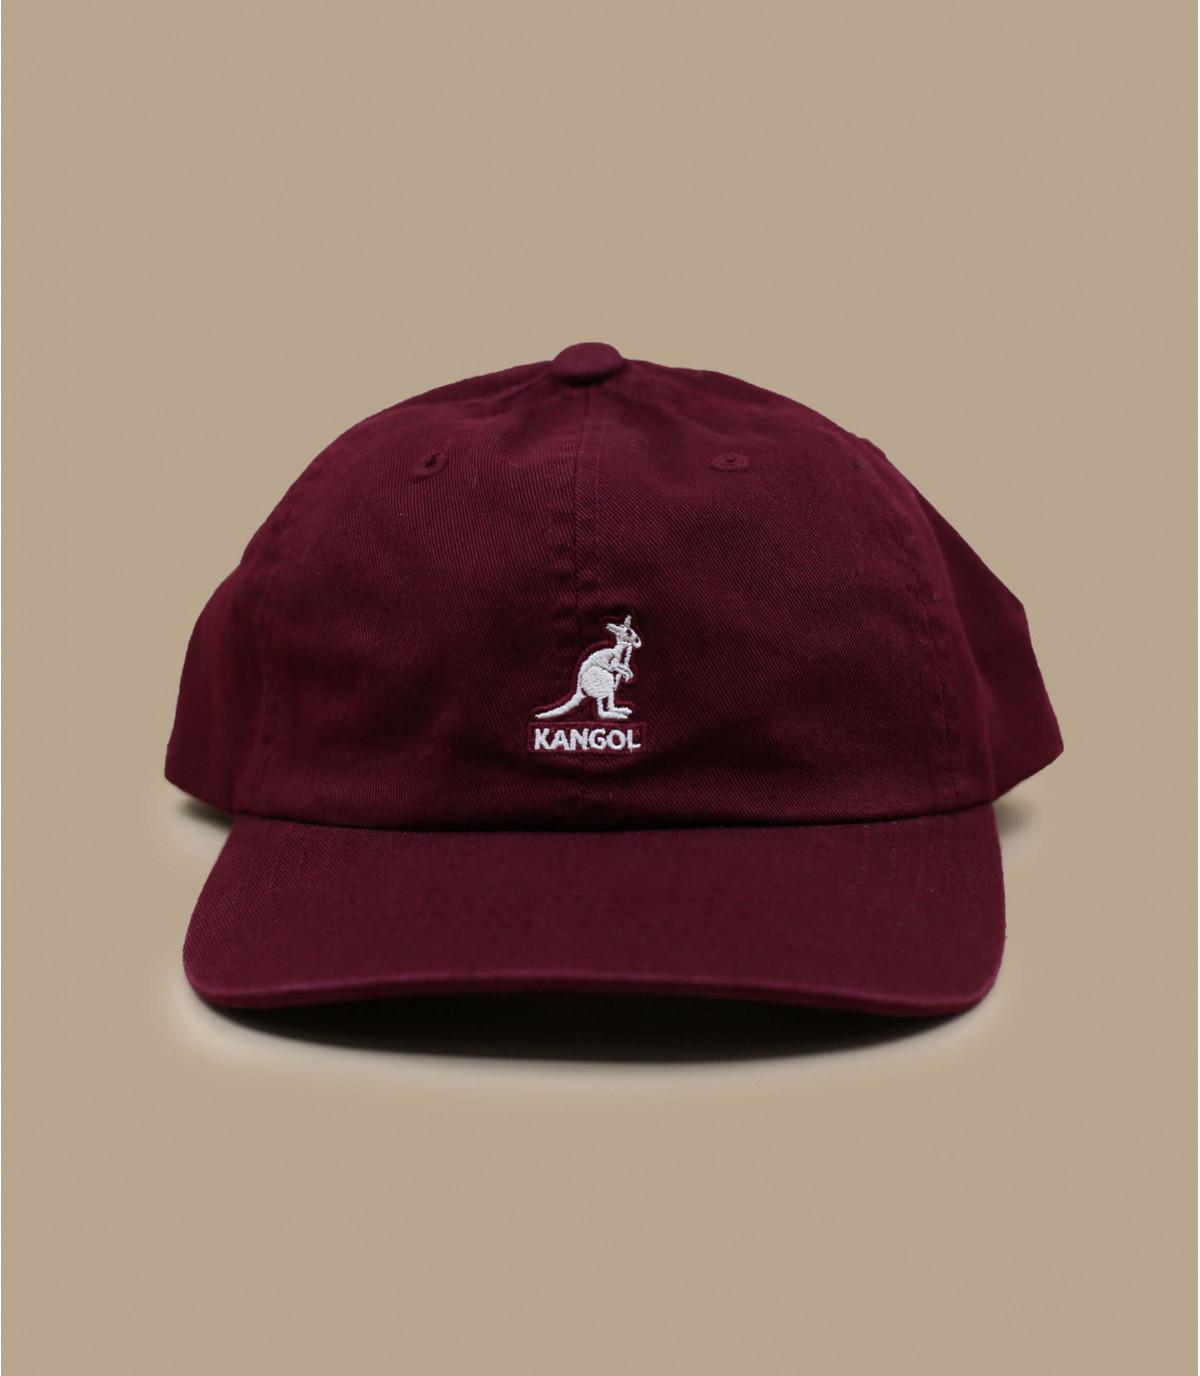 casquette Kangol bordeaux